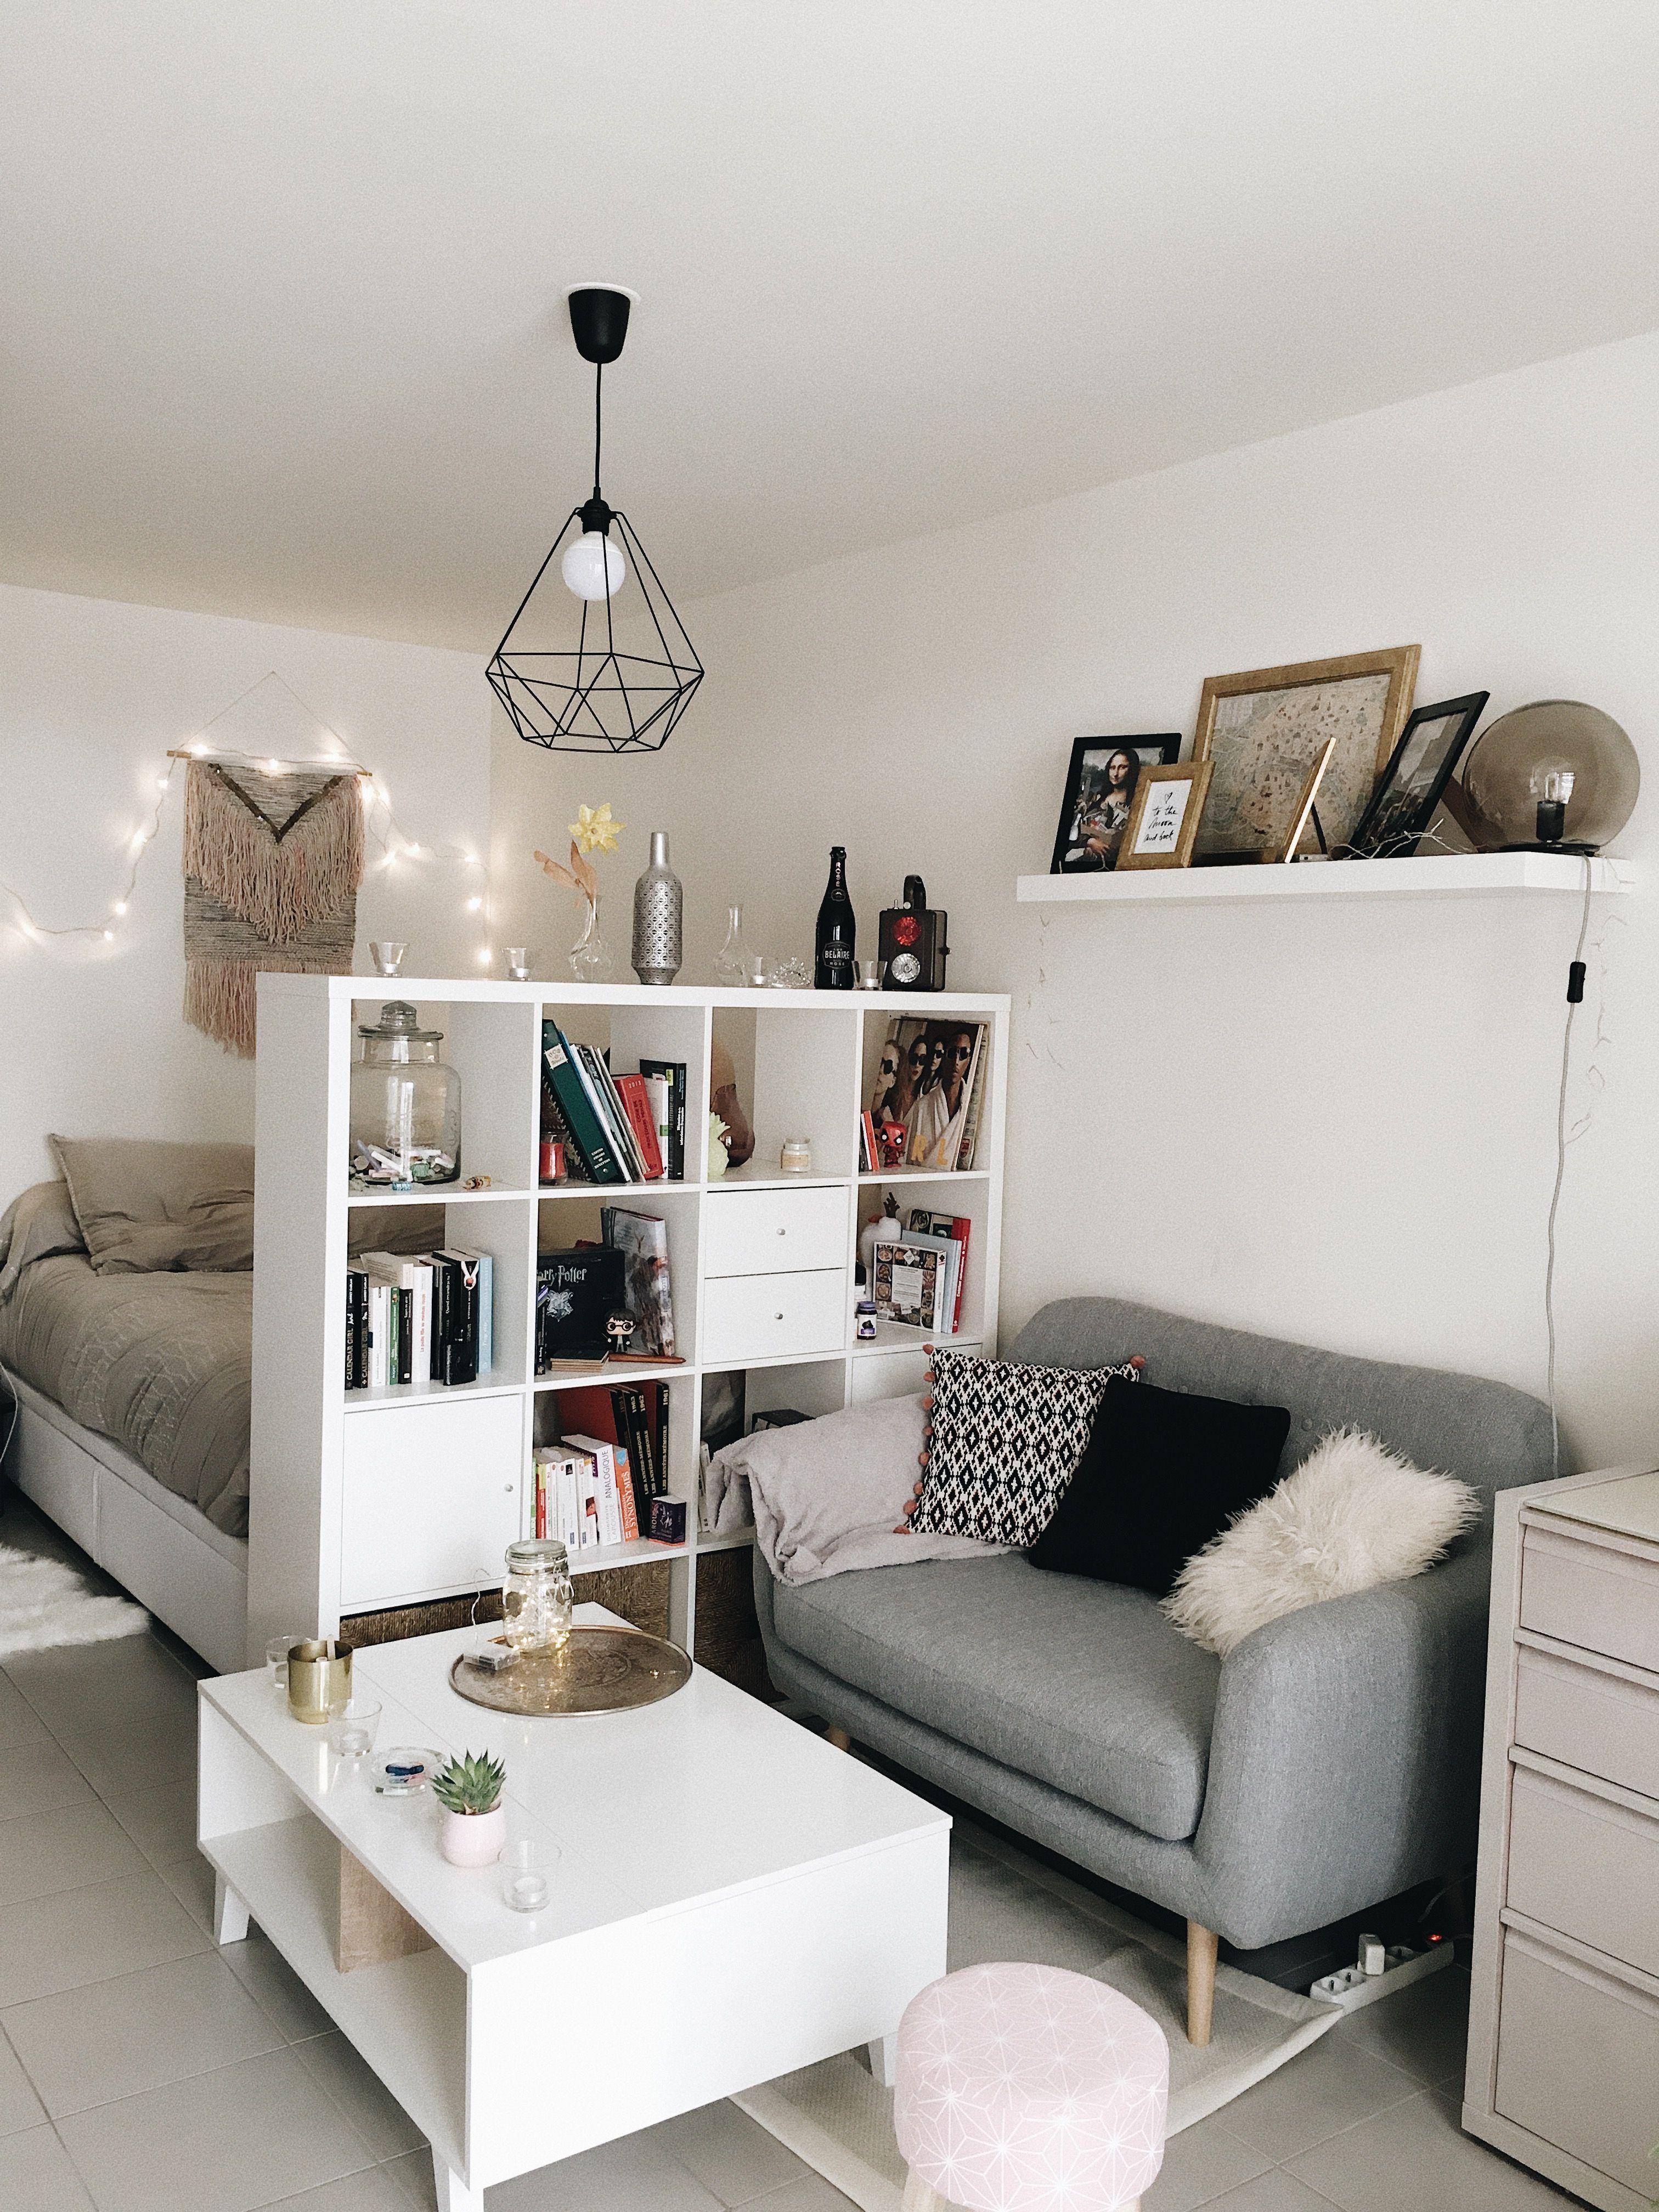 idee deco pour amenager un studio de 30m2 c est possible d avoir son coin nuit et en plus c est cosy decoration studio cosy appartmentdecoration